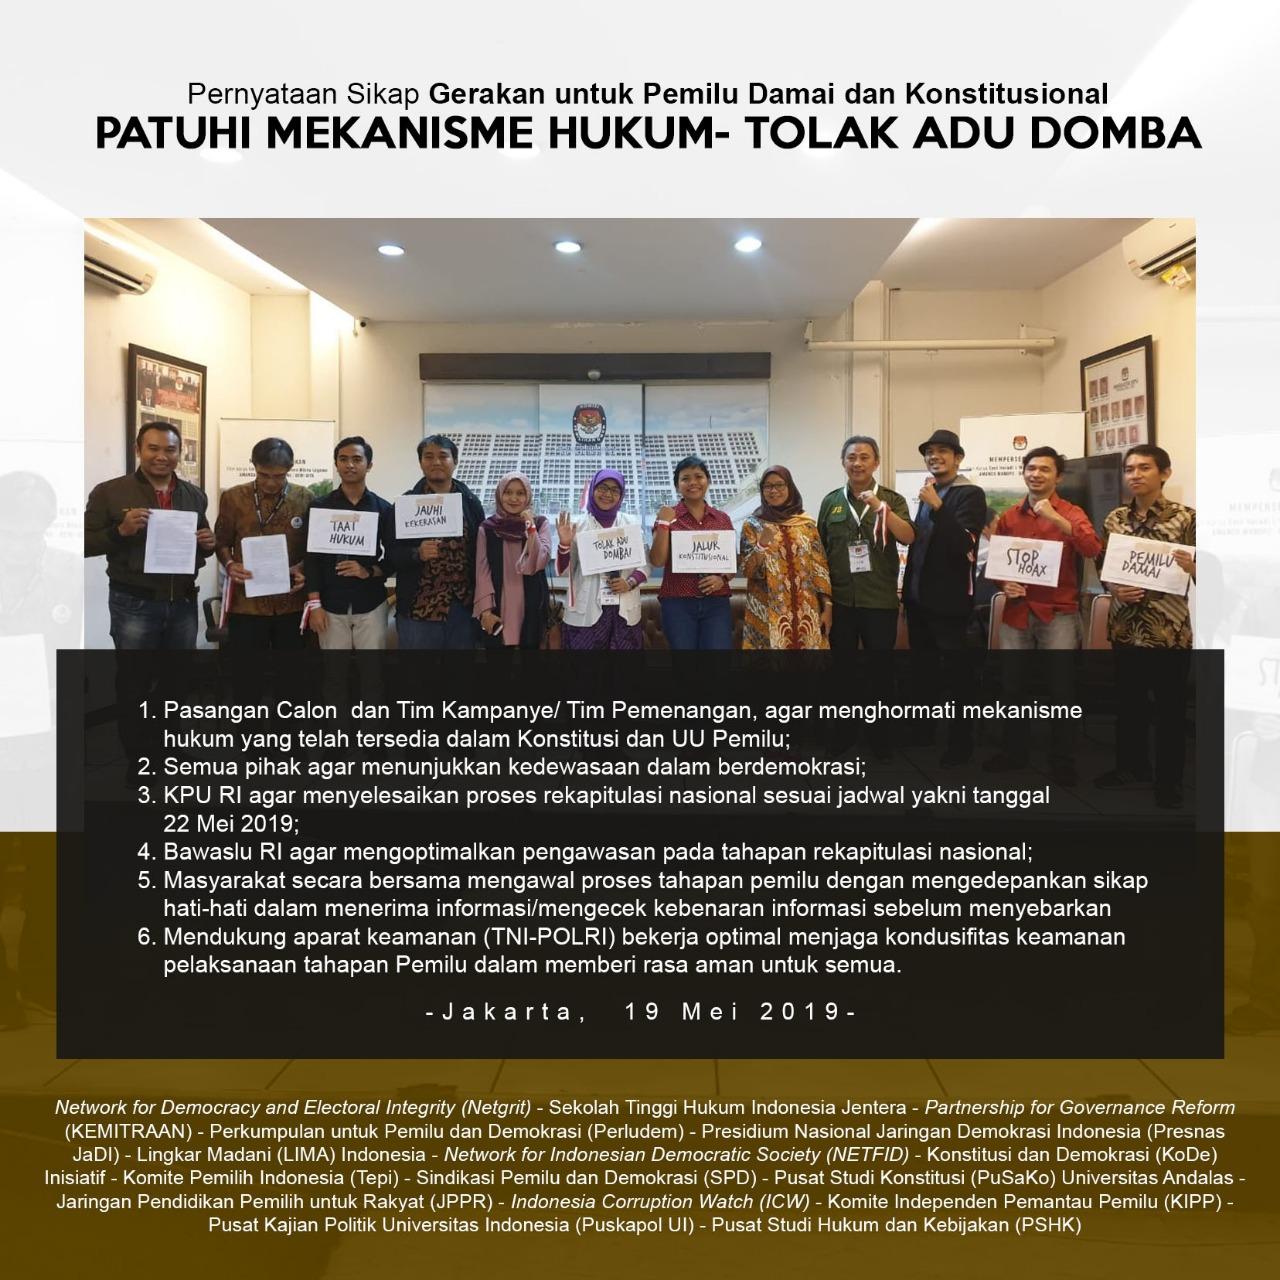 """(Indonesia) Pernyataan Sikap Gerakan untuk Pemilu Damai dan Konstitusional """"Patuhi Mekanisme Hukum – Tolak Adu Domba"""" , Minggu 19 Mei 2019 Media Center KPU RI Jakarta Pusat"""